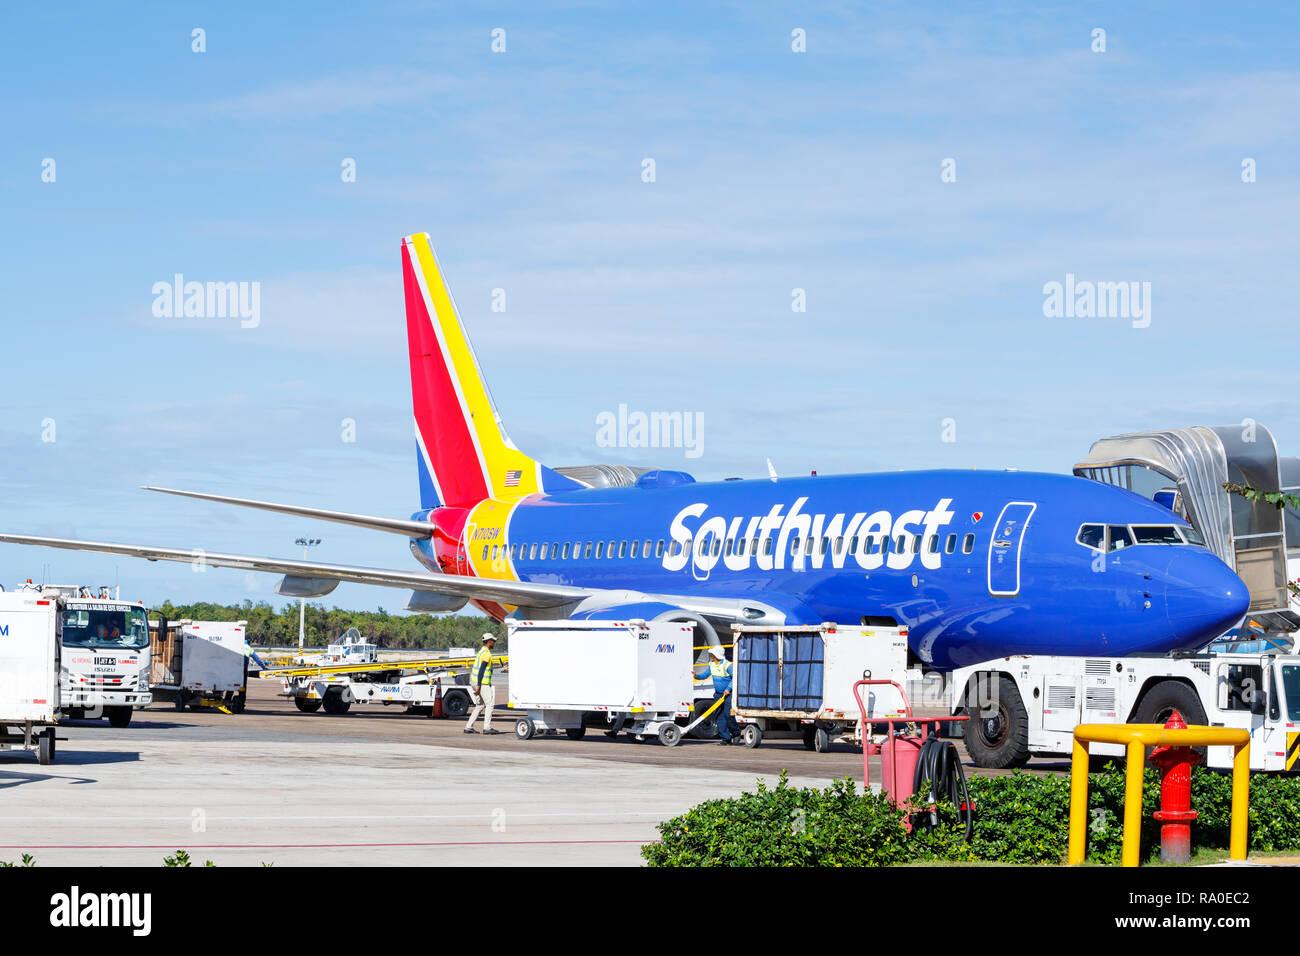 Punta Cana, Repubblica Dominicana - 24 dicembre 2018: Un Southwest jet del passeggero all'Aeroporto Internazionale di Punta Cana su asfalto in attesa di carico Immagini Stock